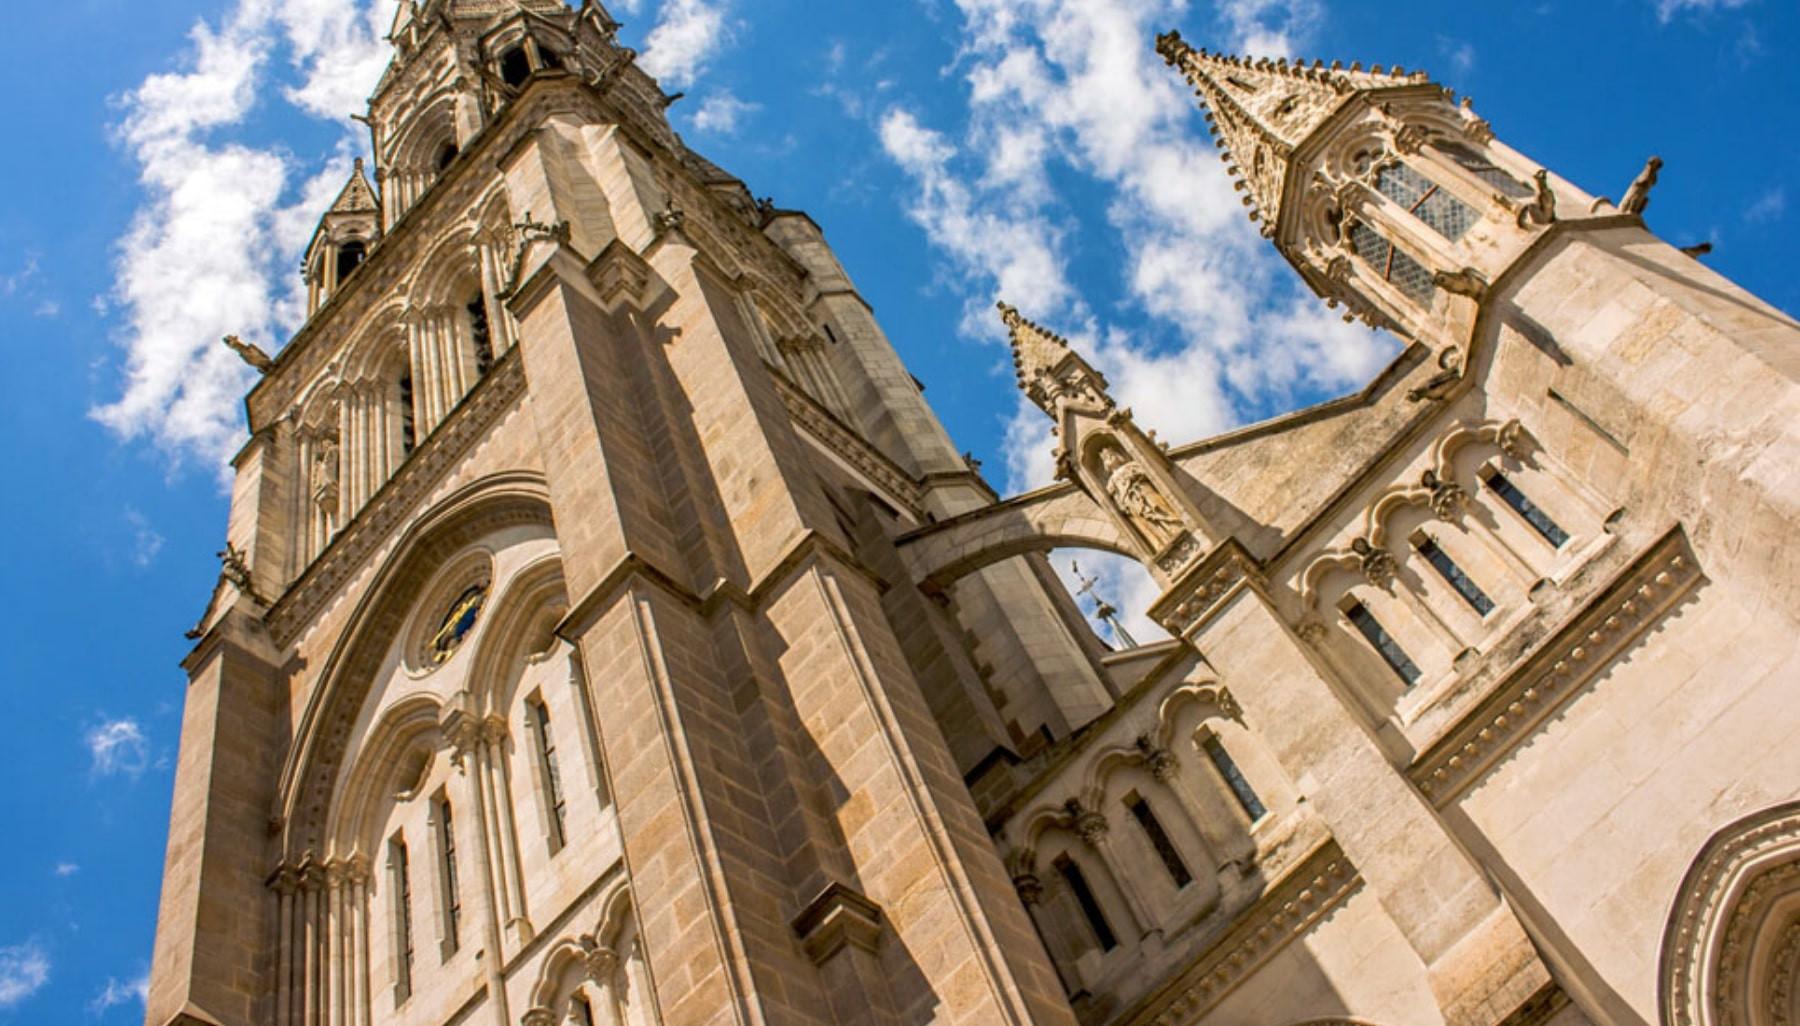 Balade insolite près de la cathédral de Nantes